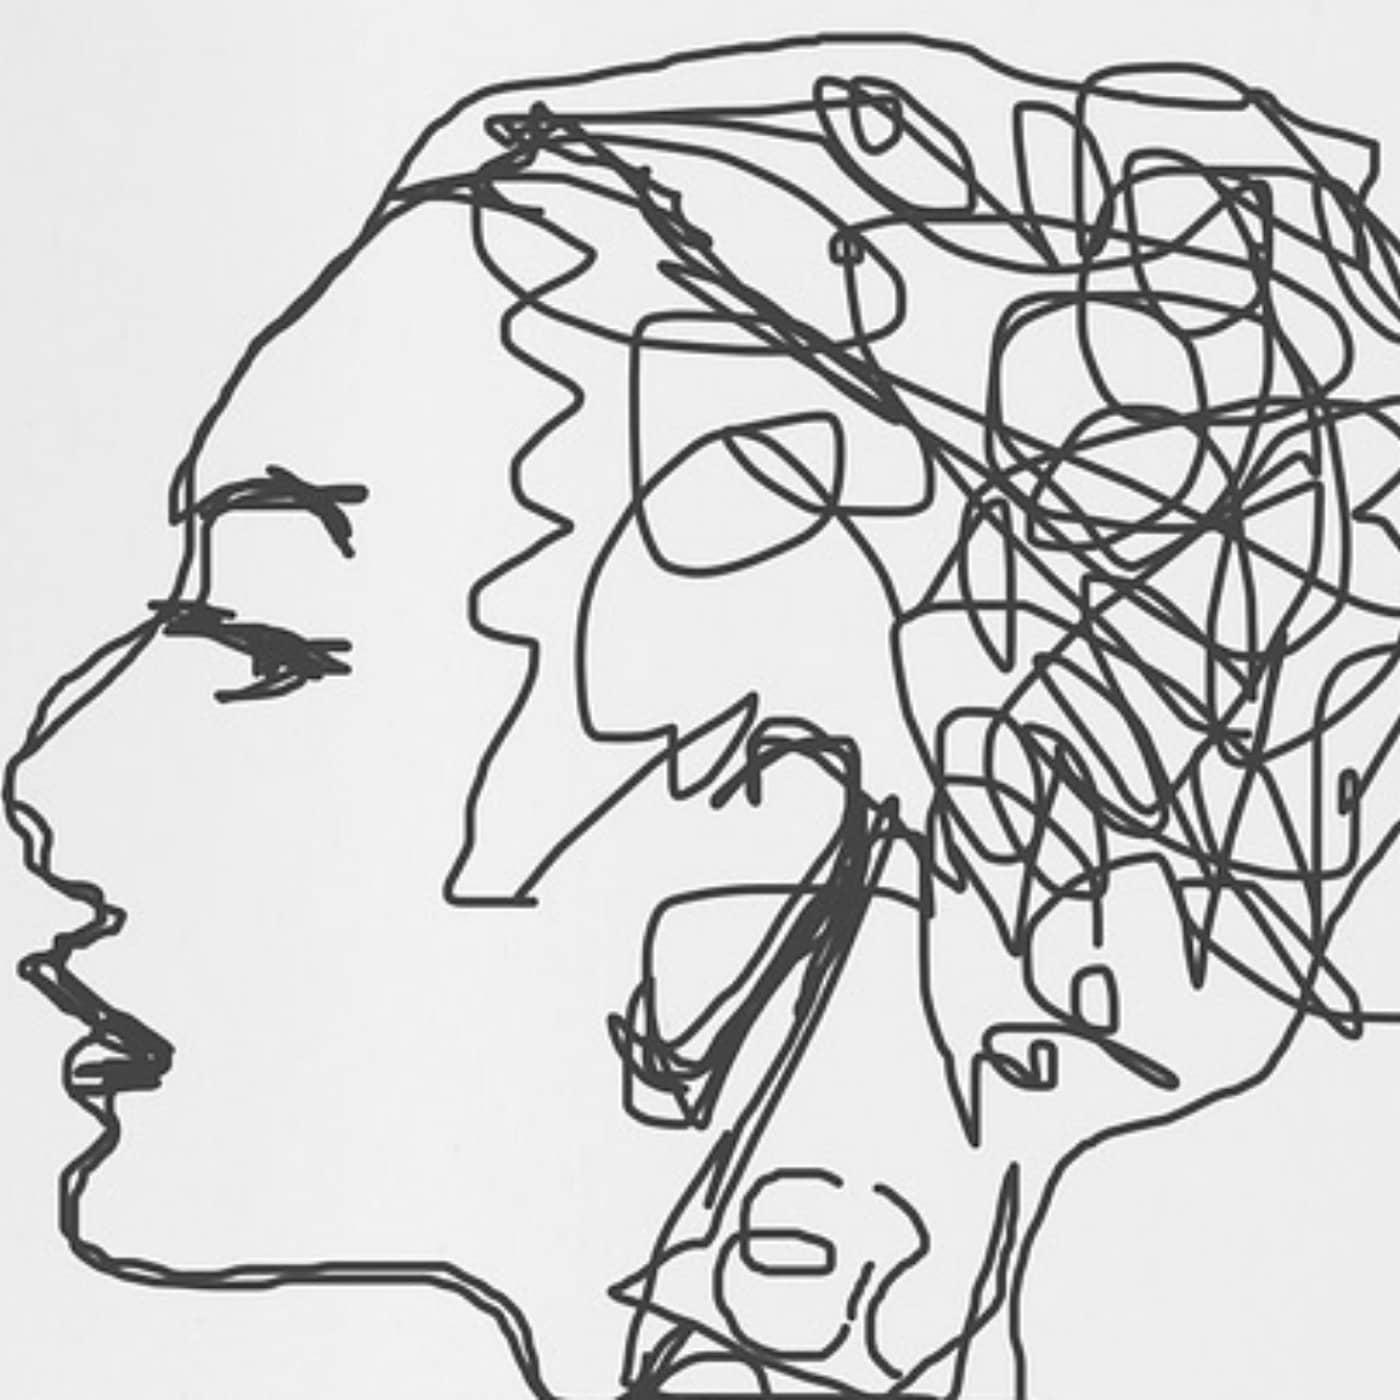 Förändra tankar – hur gör man?